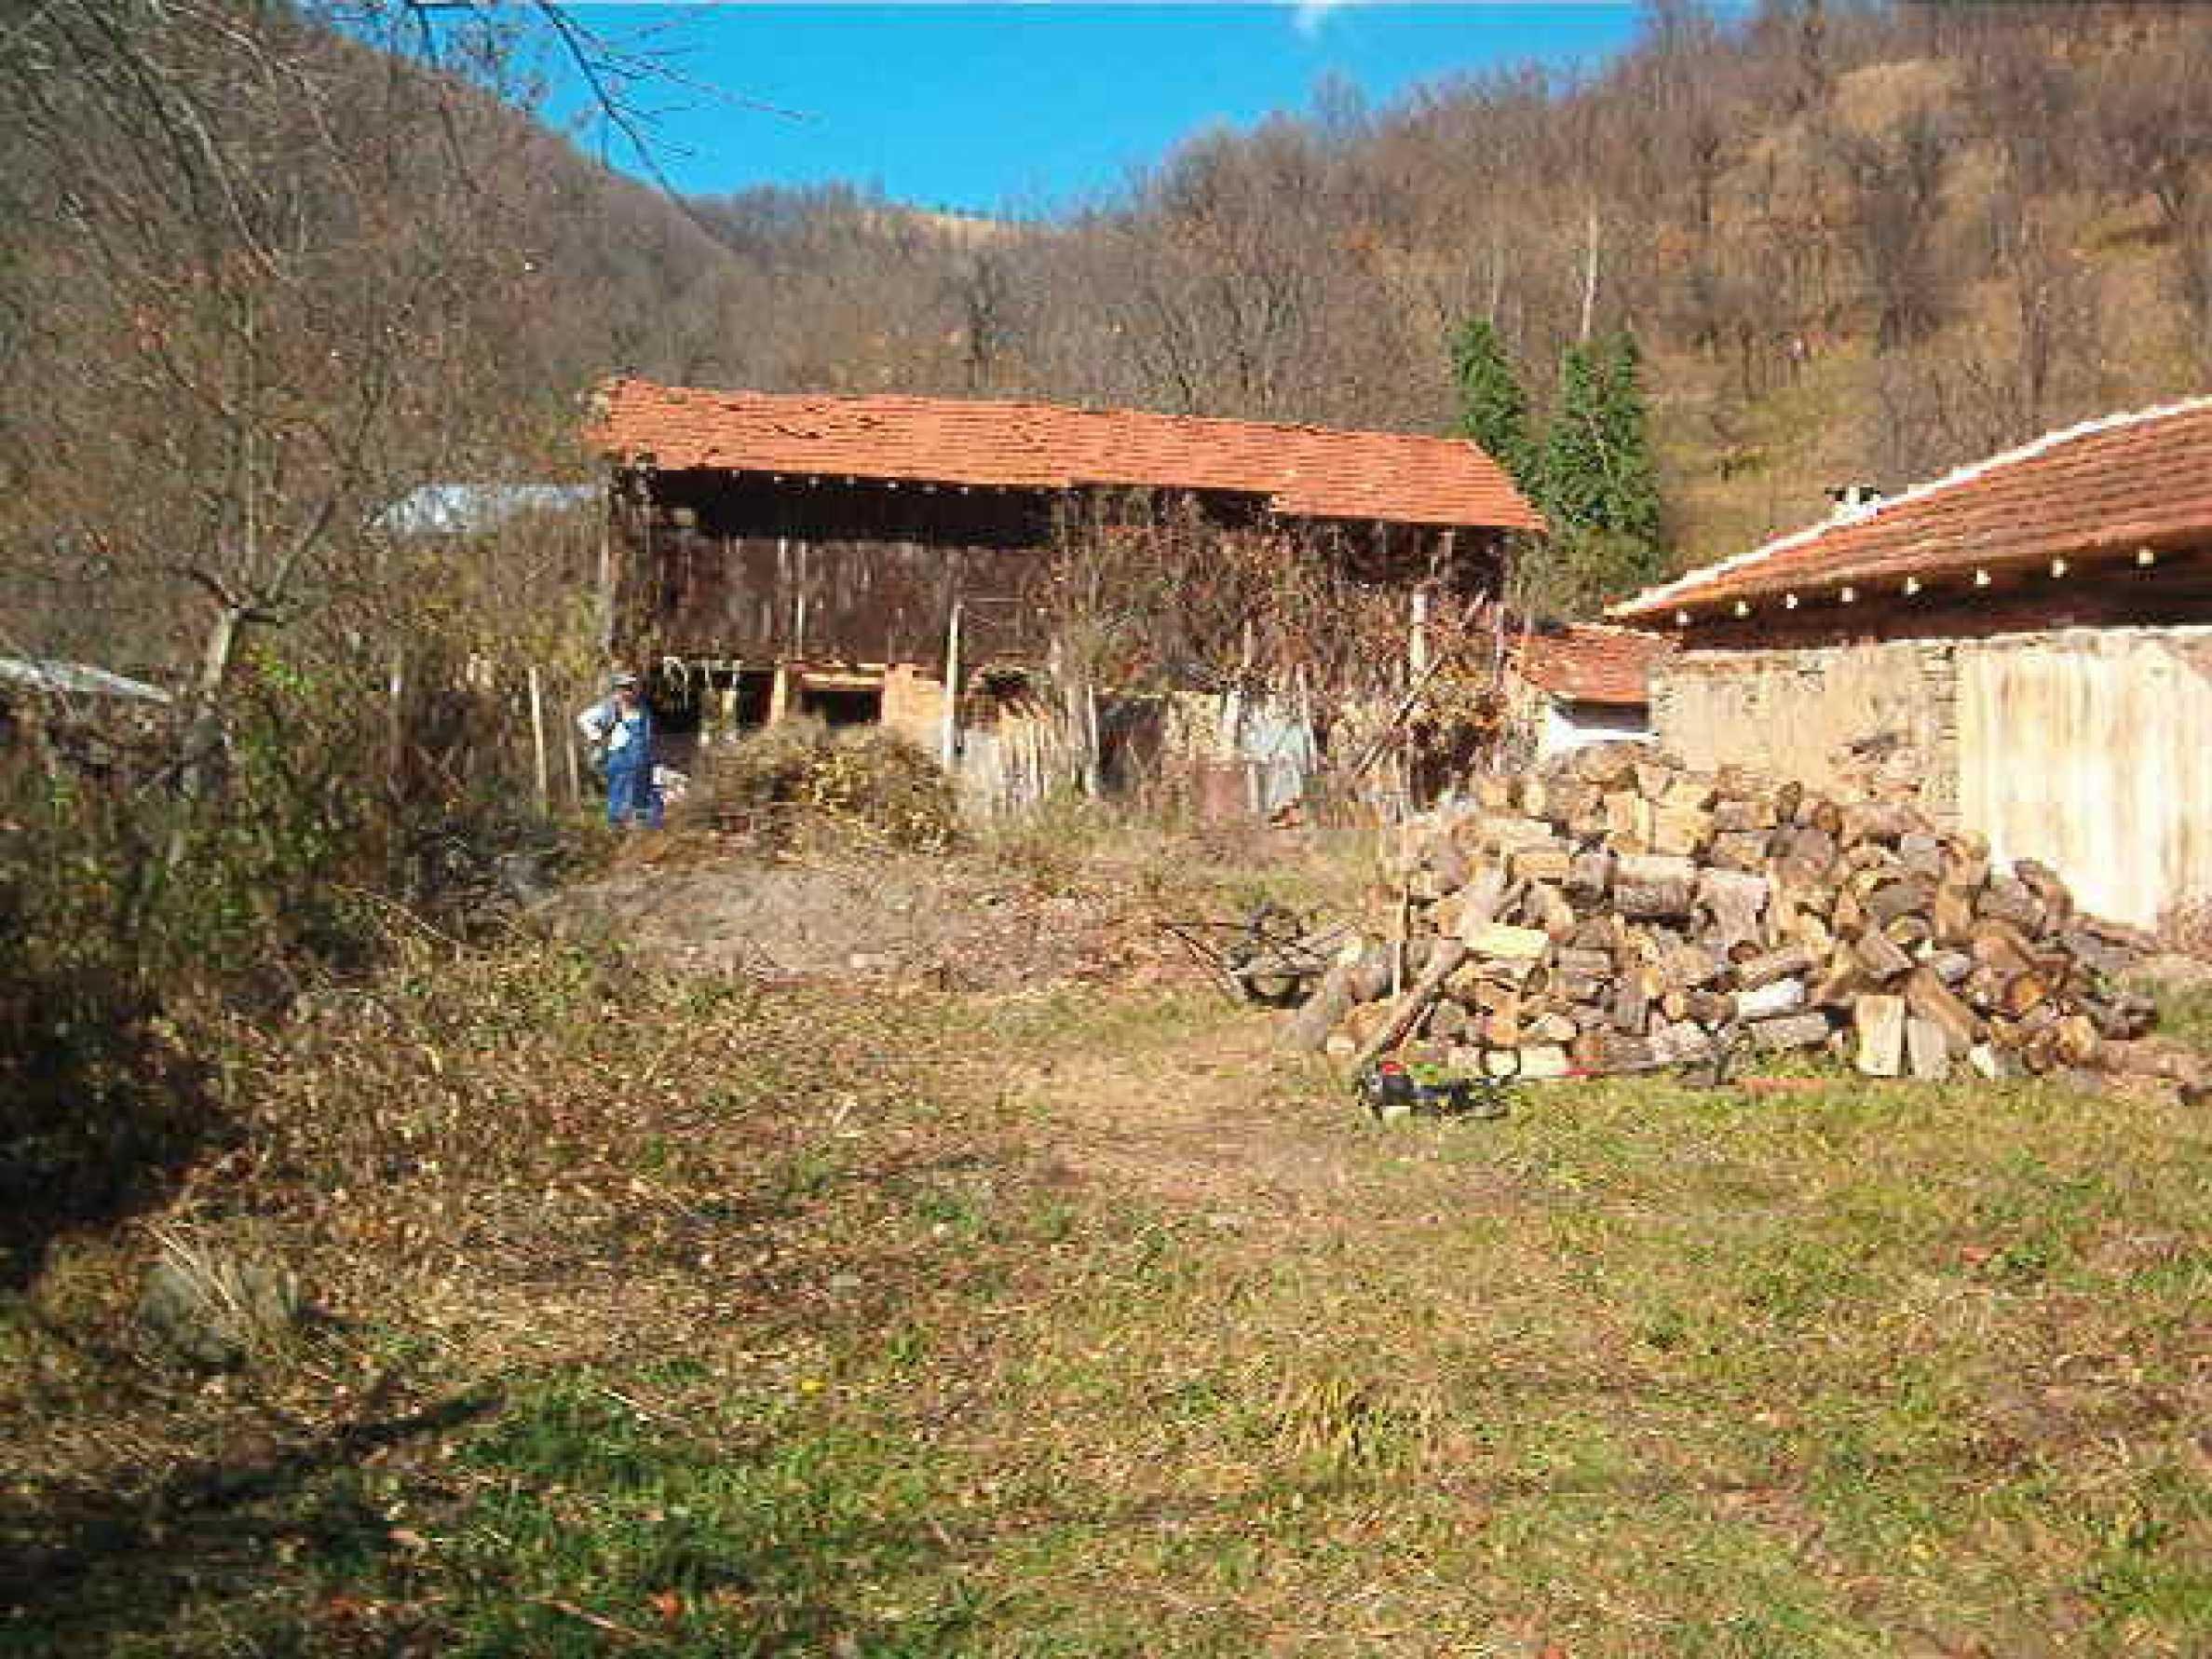 Grundstück zum Verkauf auf dem Balkan 1